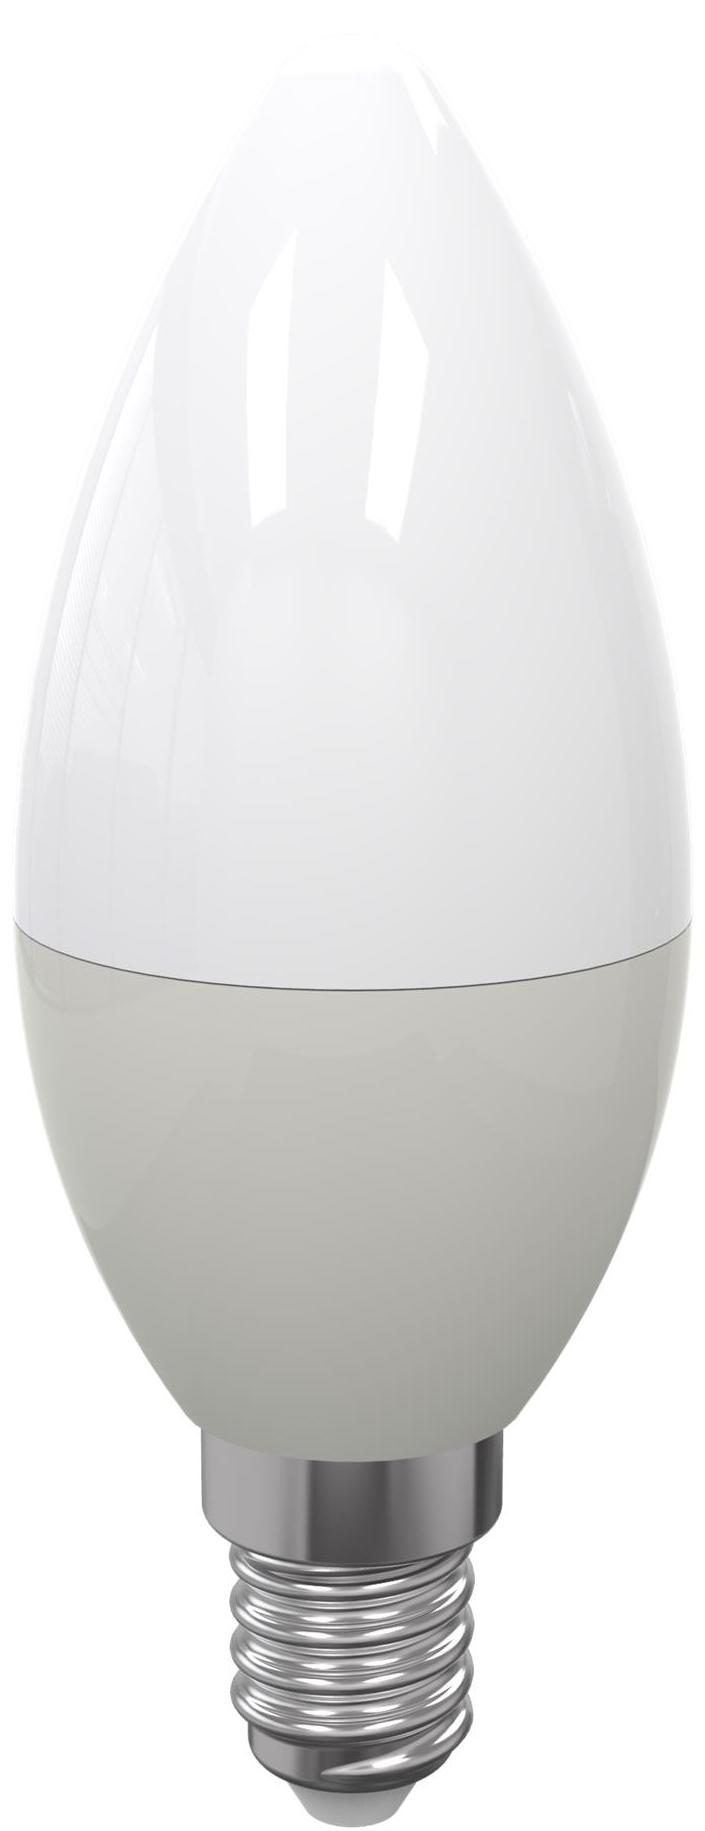 все цены на Лампочка REV, Теплый свет 9 Вт, Светодиодная онлайн